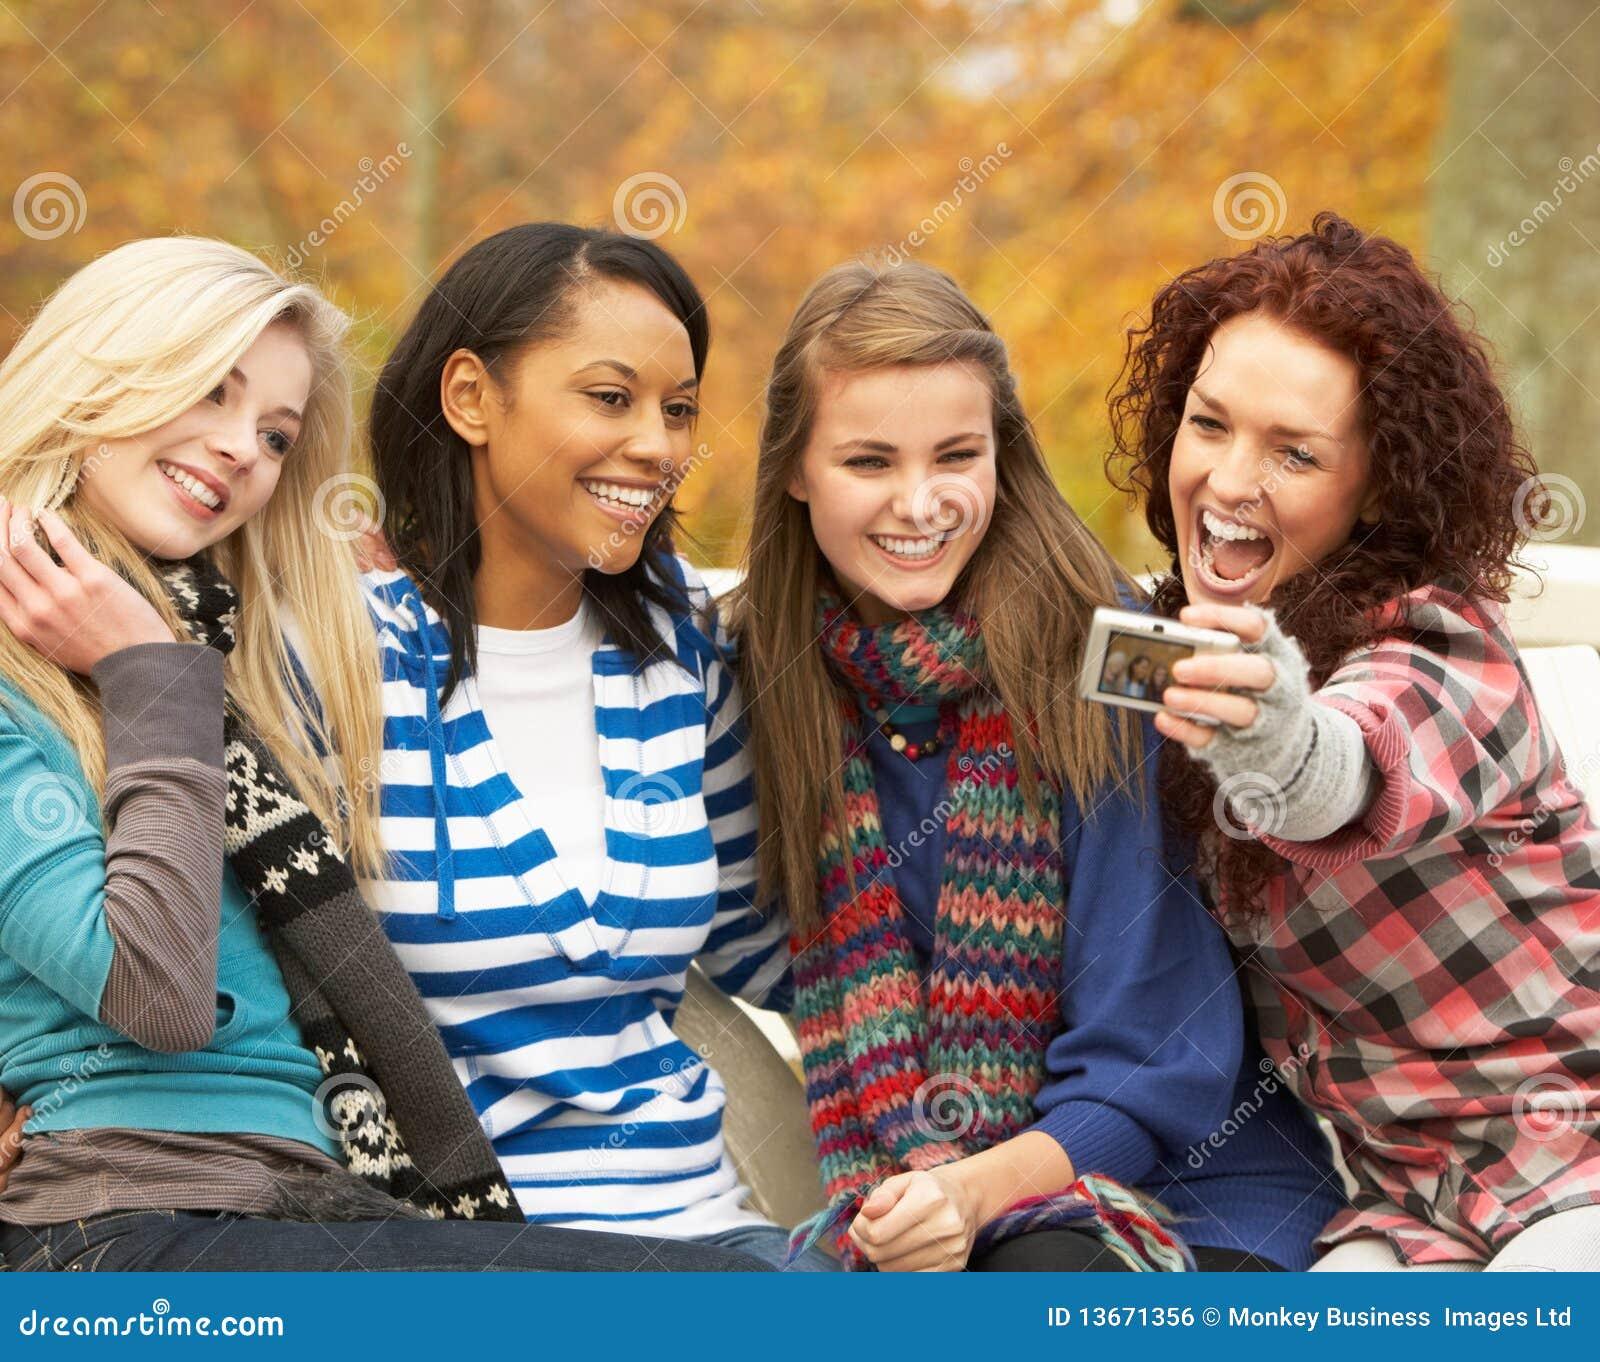 Фото подружек подростков 25 фотография